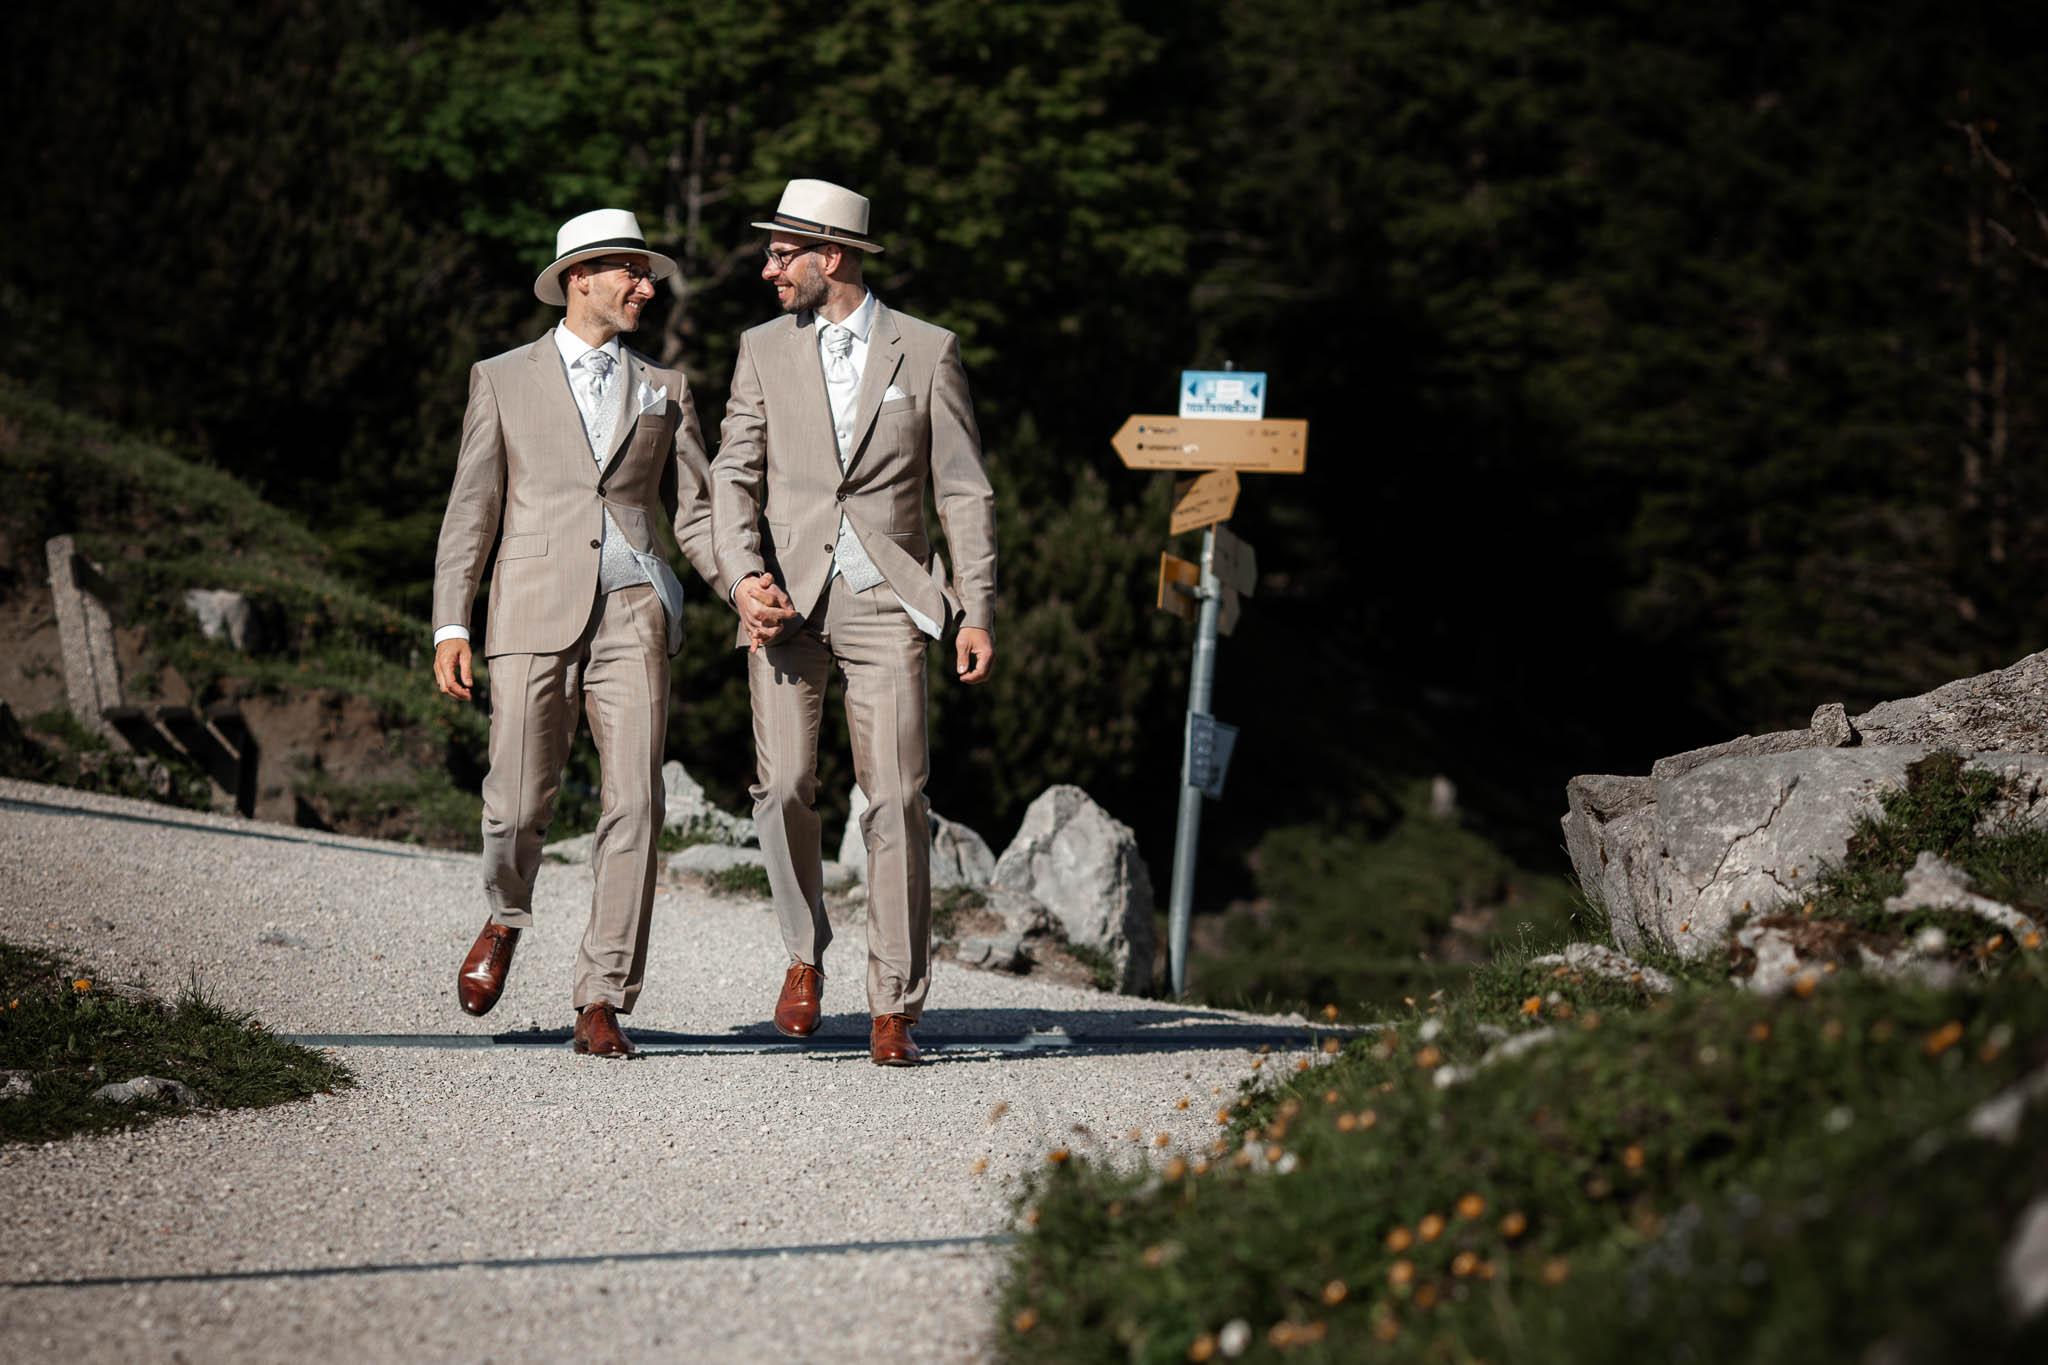 Hochzeitsfotograf Alpen, Chiemgau: freie Trauung von Dennis & Dirk 73